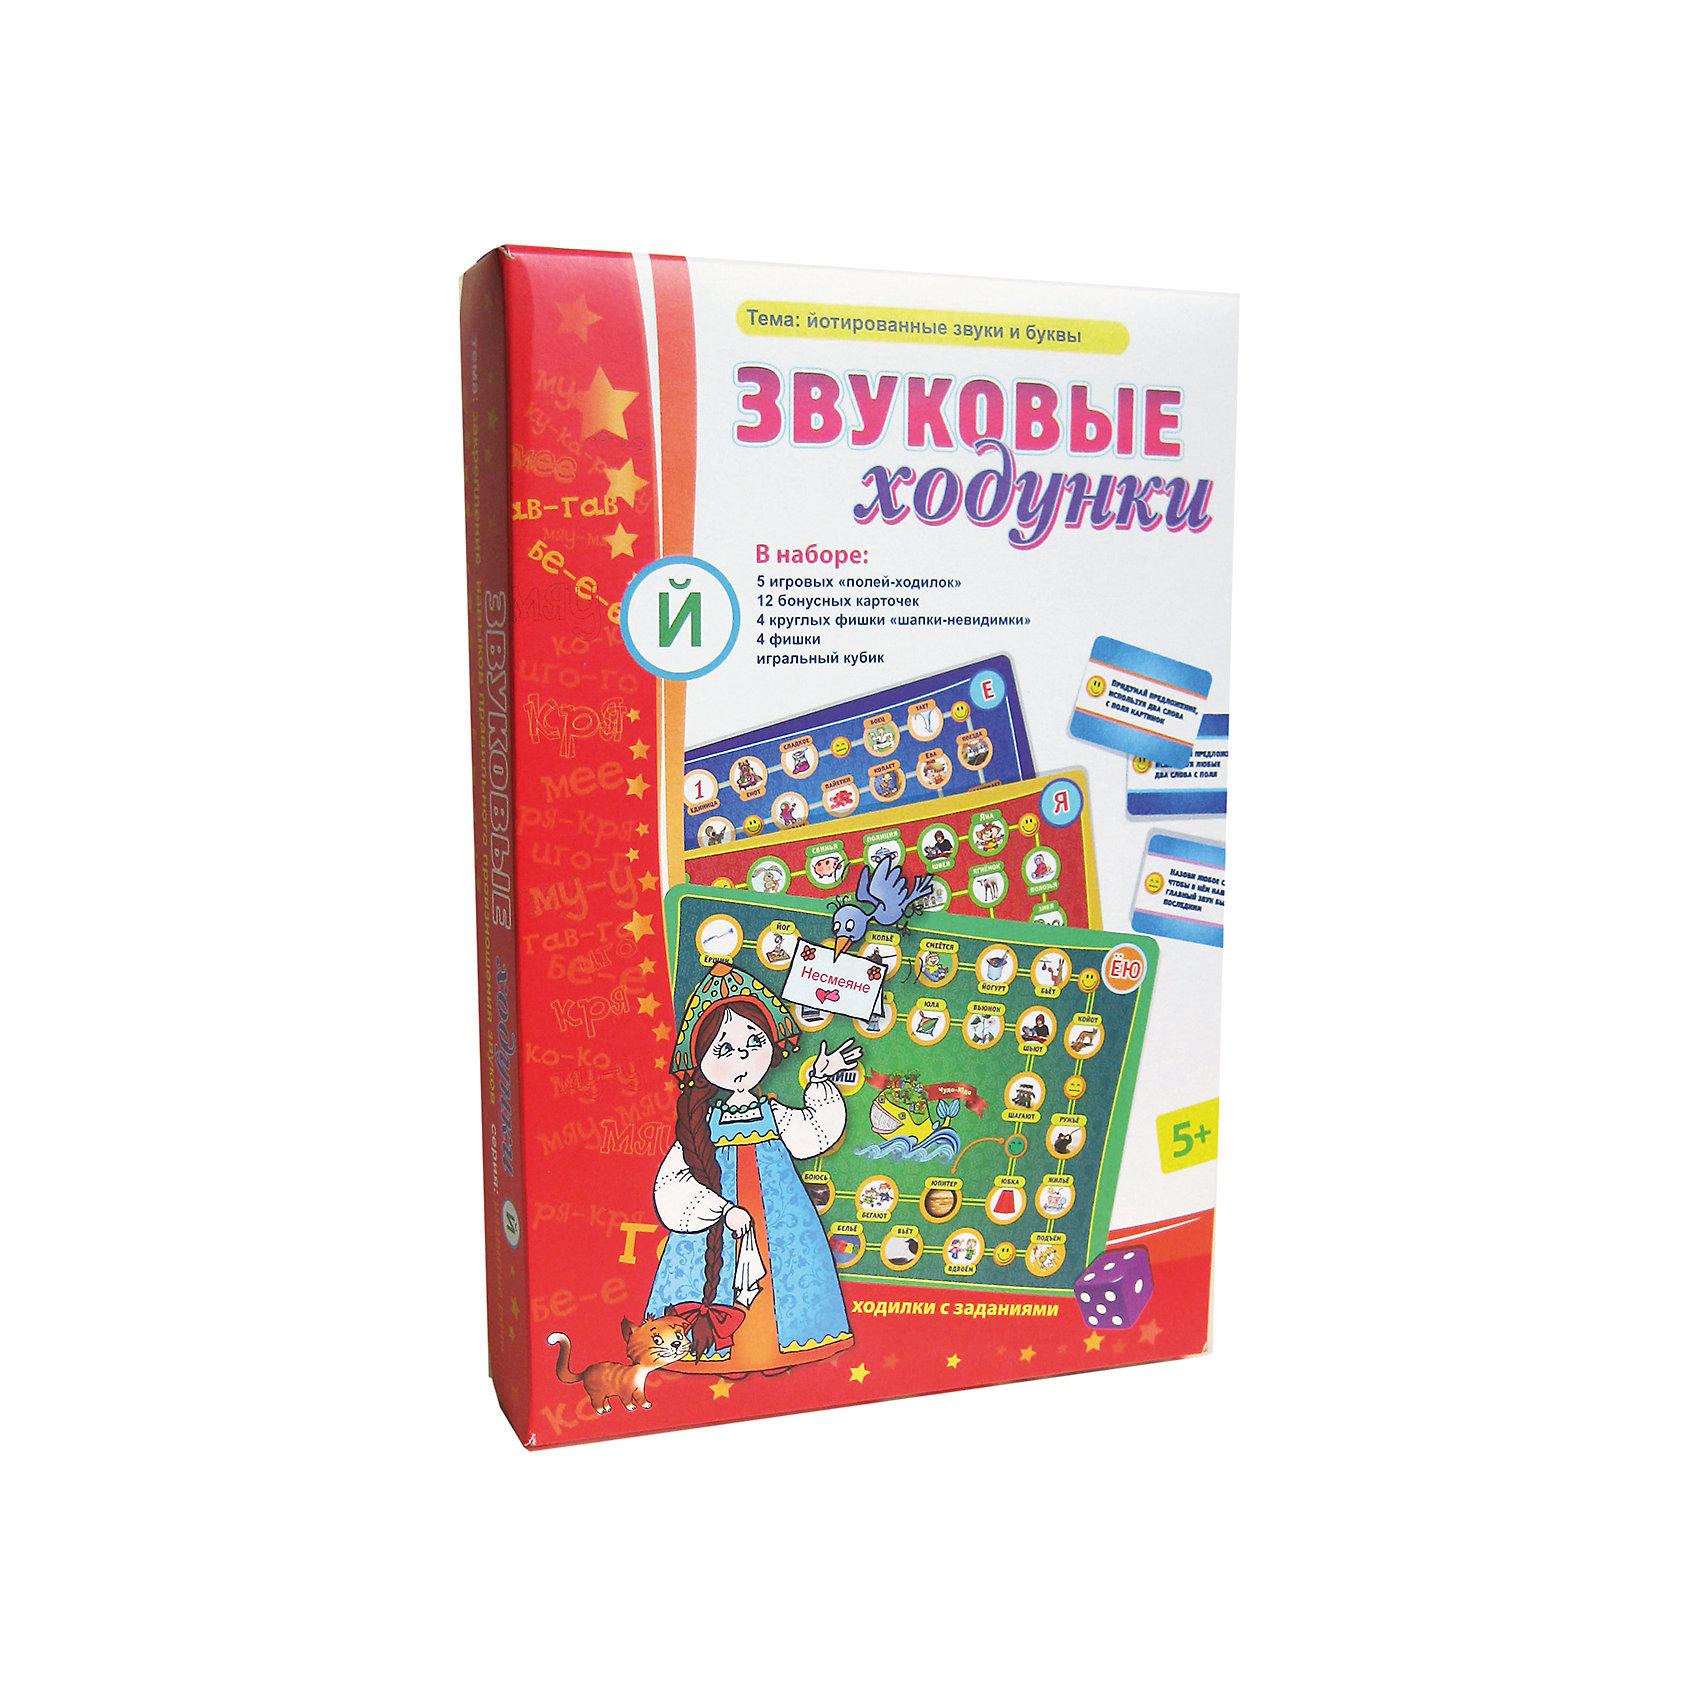 Звуковые ходунки Й, Игротека Татьяны БарчанИздательство Ребус (Игротека Татьяны Барчан)<br>Звуковые ходунки Й, Игротека Татьяны Барчан.<br><br>Характеристики:<br><br>• Для детей в возрасте: от 5 до 8 лет<br>• В комплекте: 5 полей-ходилок, 12 карточек с дополнительными заданиями, игральный кубик, 4 фишки, инструкция<br>• Тема: Йотированные звуки и буквы<br>• Размер одного игрового поля: 34х25 см.<br>• Материал: плотный качественный картон<br>• Производитель: ЦОТР Ребус (Россия)<br>• Упаковка: картонная коробка<br>• Размер упаковки: 270х180х45 мм.<br>• Вес: 275 гр.<br><br>Звуковые «ходунки» адресованы логопедам, педагогам, ответственным родителям, которые хотят помочь детям автоматизировать произношение йотированных гласных (я, е, ё, ю). <br><br>Как и в обычных ходилках, выпавшие точки на кубике показывают, сколько шагов вперёд надо сделать игроку. Но вот ход засчитывается только тогда, когда игрок фонетически правильно назовёт слово, на которое попадает фишка. <br><br>Такие упражнения, выполненные в ходе игры, помогут и в развитии навыка звукового анализа слова, расширят активный словарь малыша. В игре есть дополнительные задания на становление грамматического строя, развитие зрительной и слуховой памяти и внимания.<br><br>Игру Звуковые ходунки Й, Игротека Татьяны Барчан можно купить в нашем интернет-магазине.<br><br>Ширина мм: 270<br>Глубина мм: 180<br>Высота мм: 40<br>Вес г: 270<br>Возраст от месяцев: 60<br>Возраст до месяцев: 96<br>Пол: Унисекс<br>Возраст: Детский<br>SKU: 6751316